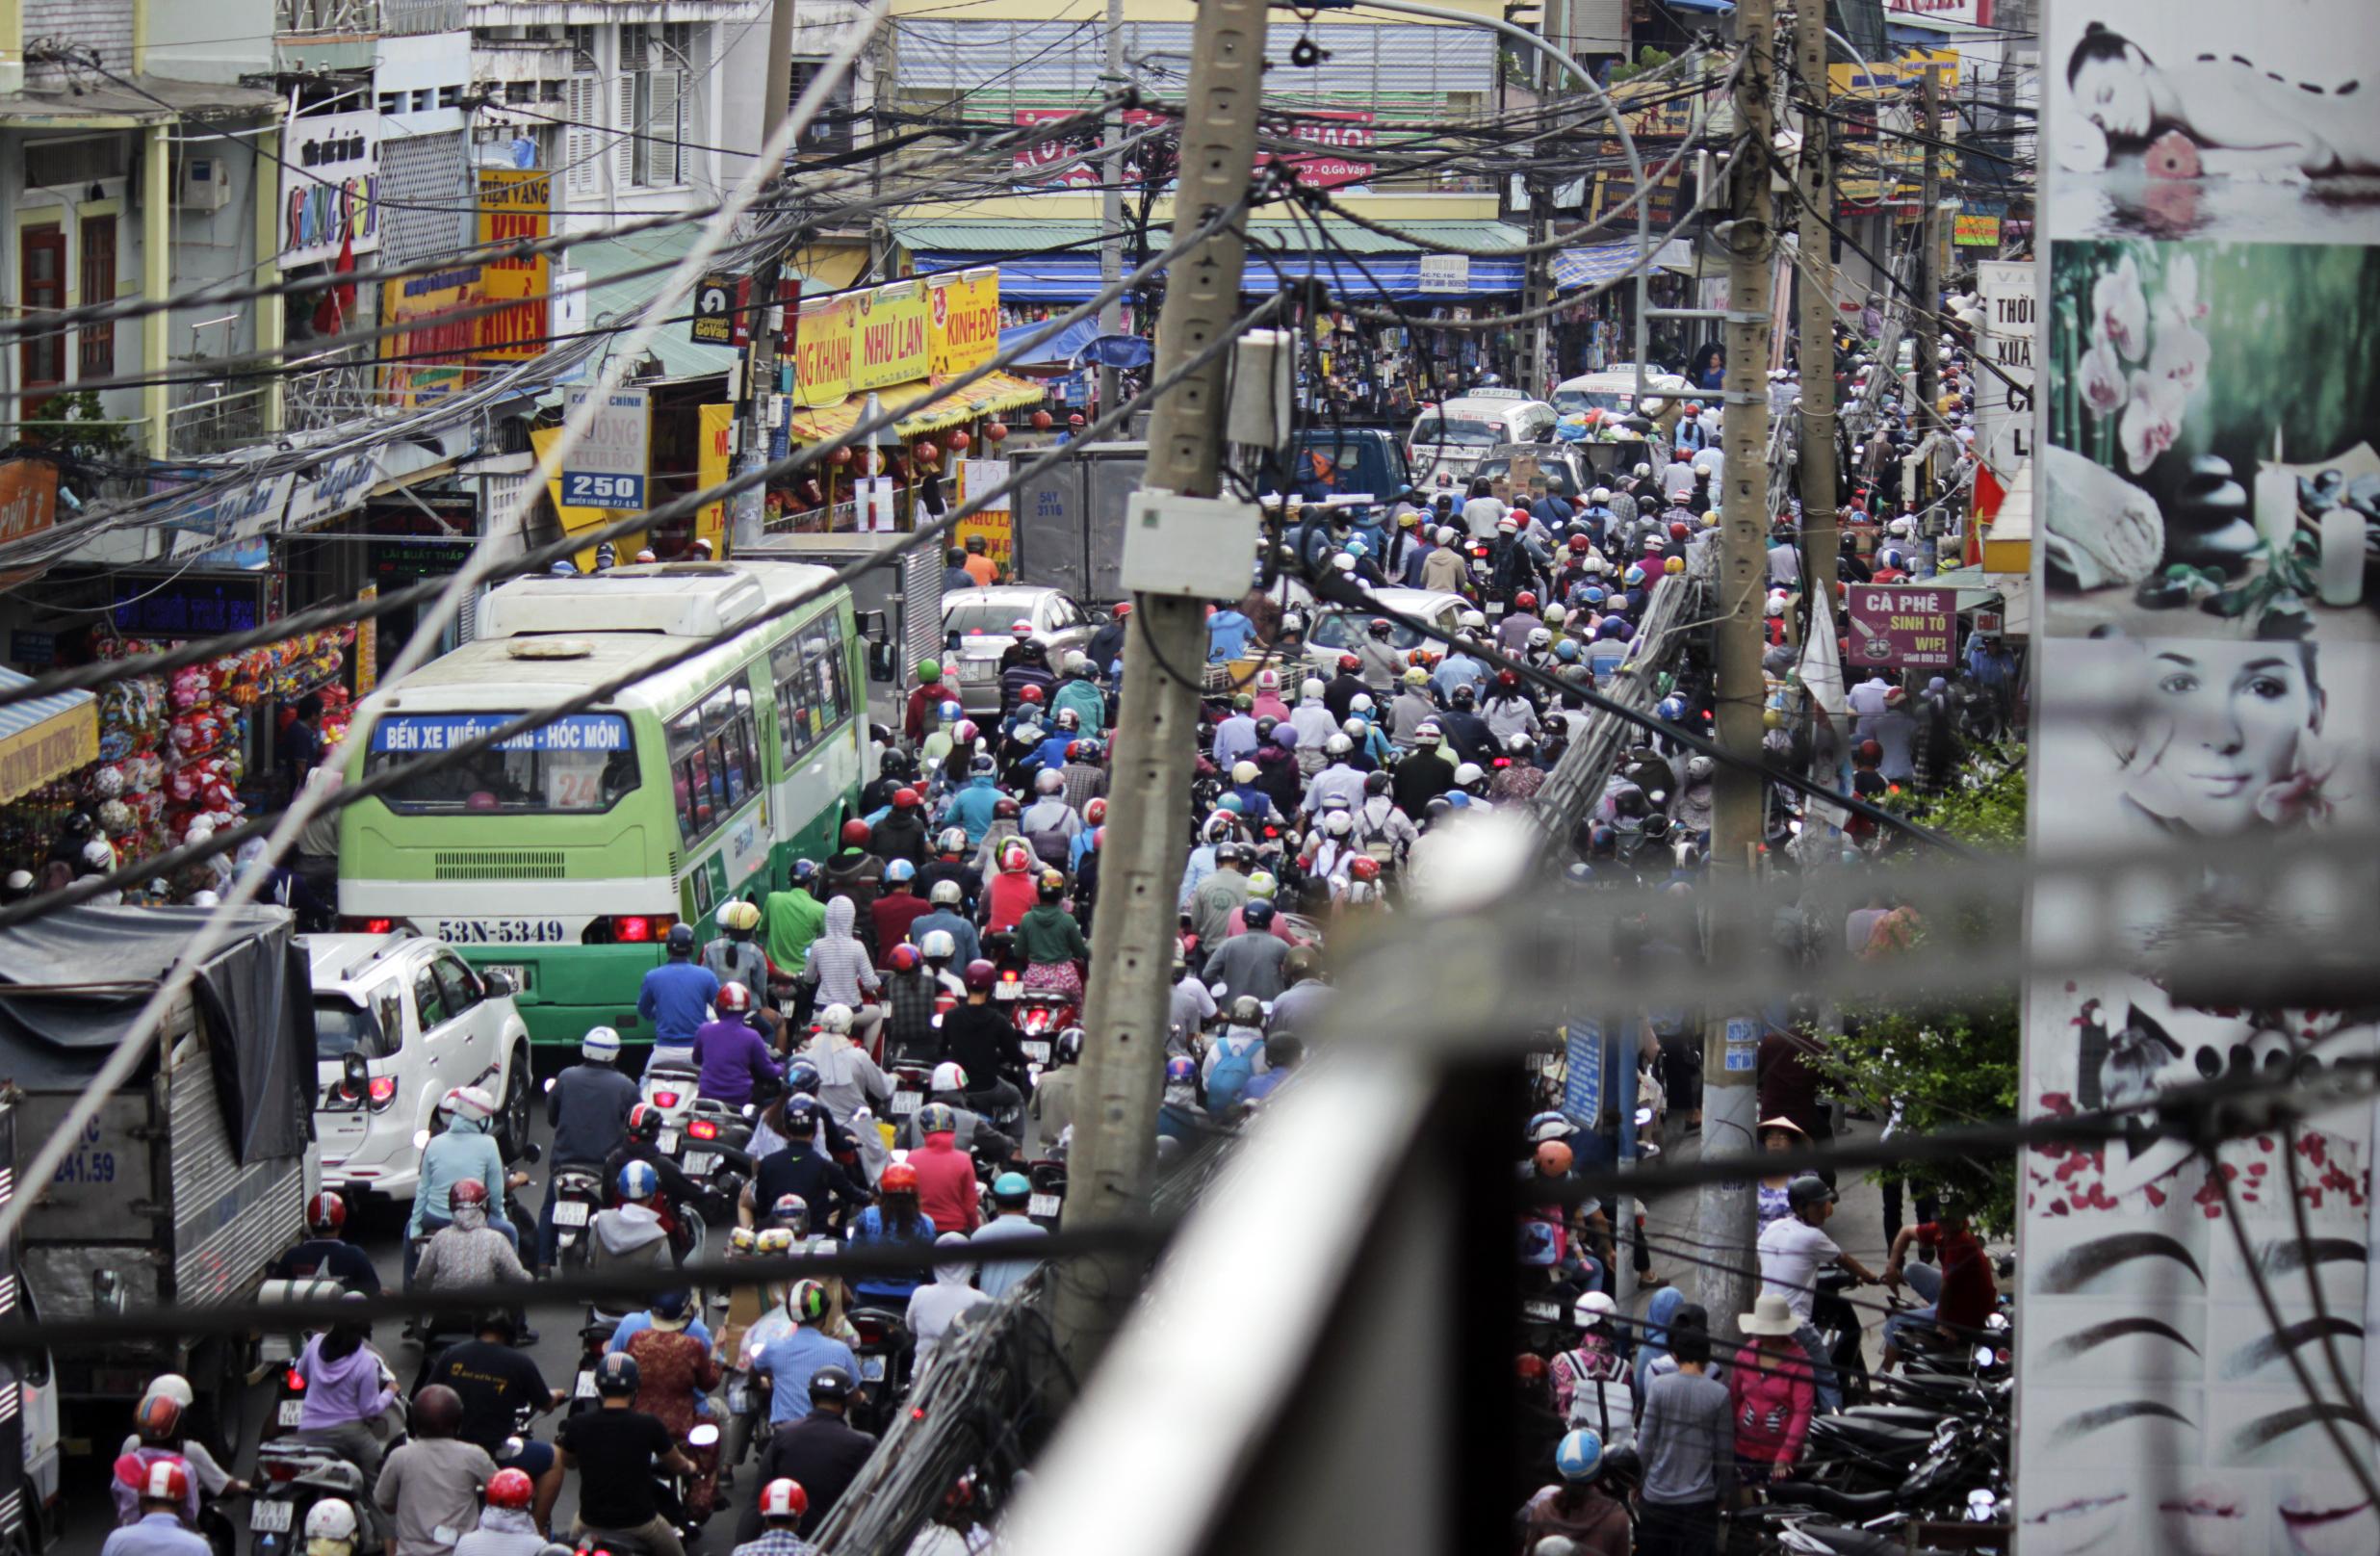 Tới gần 9 giờ sáng,hàng nghàn phương tiện trên đường Nguyễn Vân Nghi vẫn dậm chân tại chỗ vì giao thông trên con đường này bị bị tê liệt hoàn toàn.